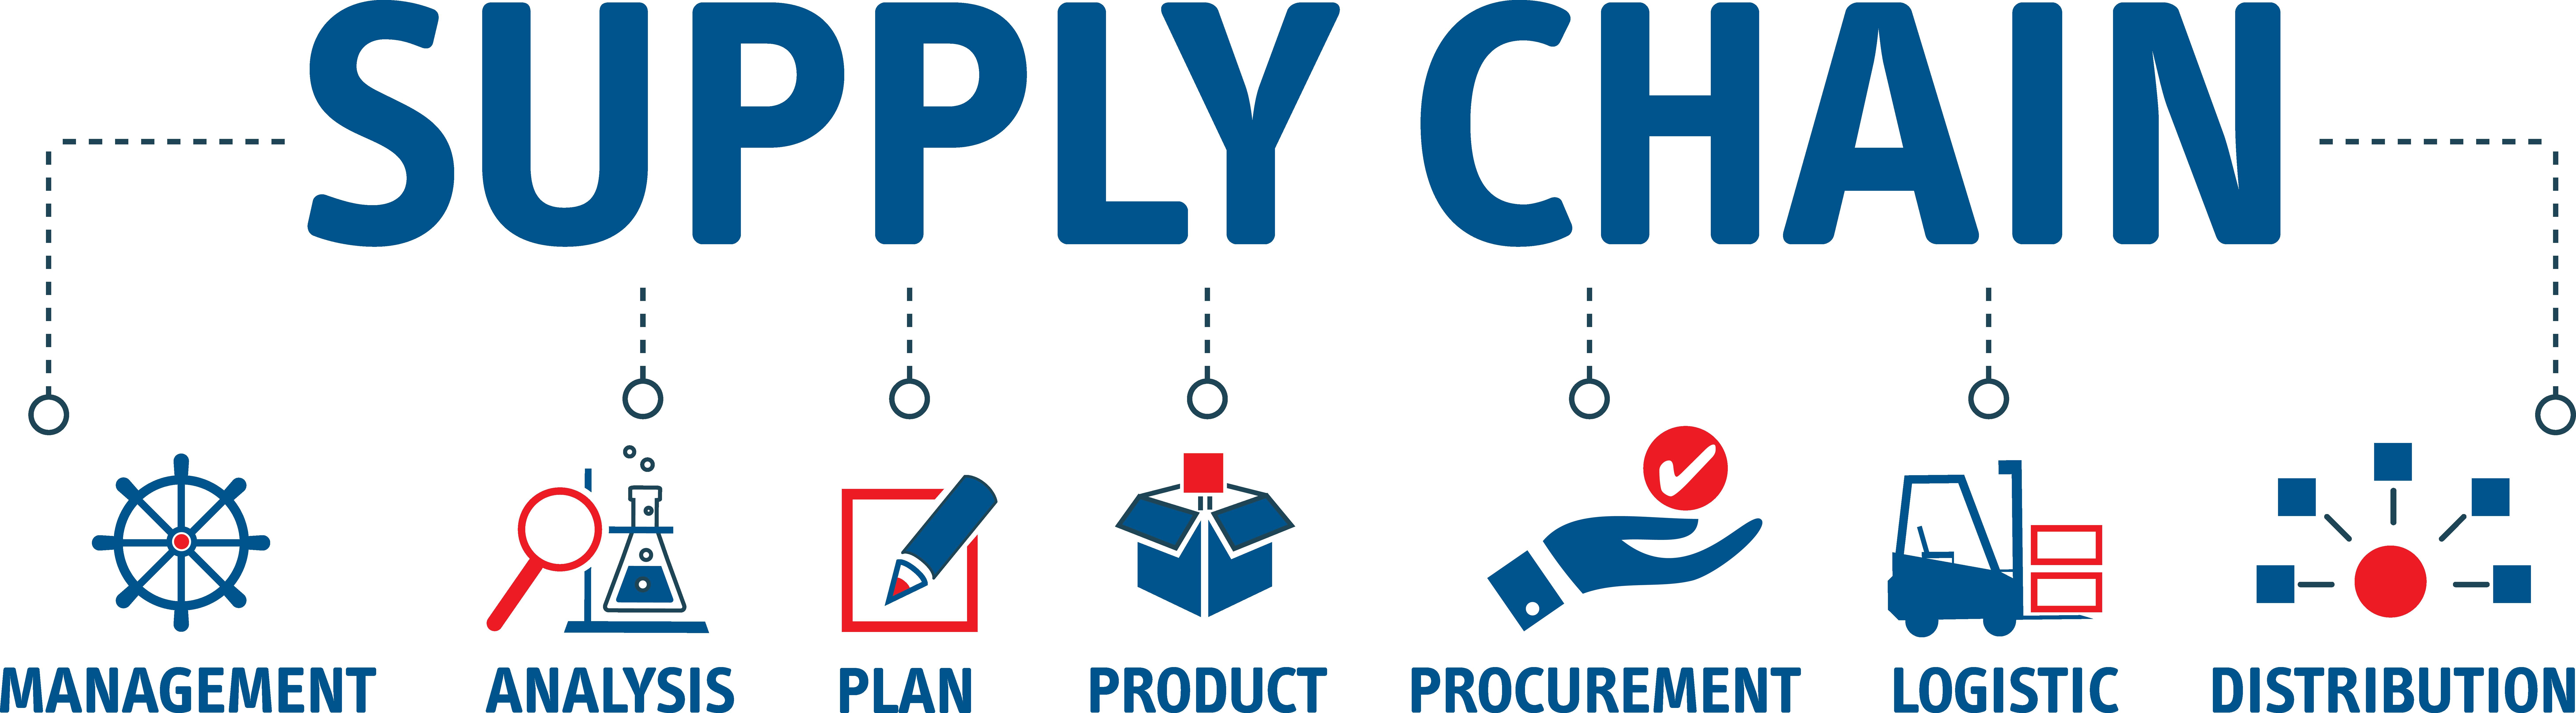 supplychain_blue